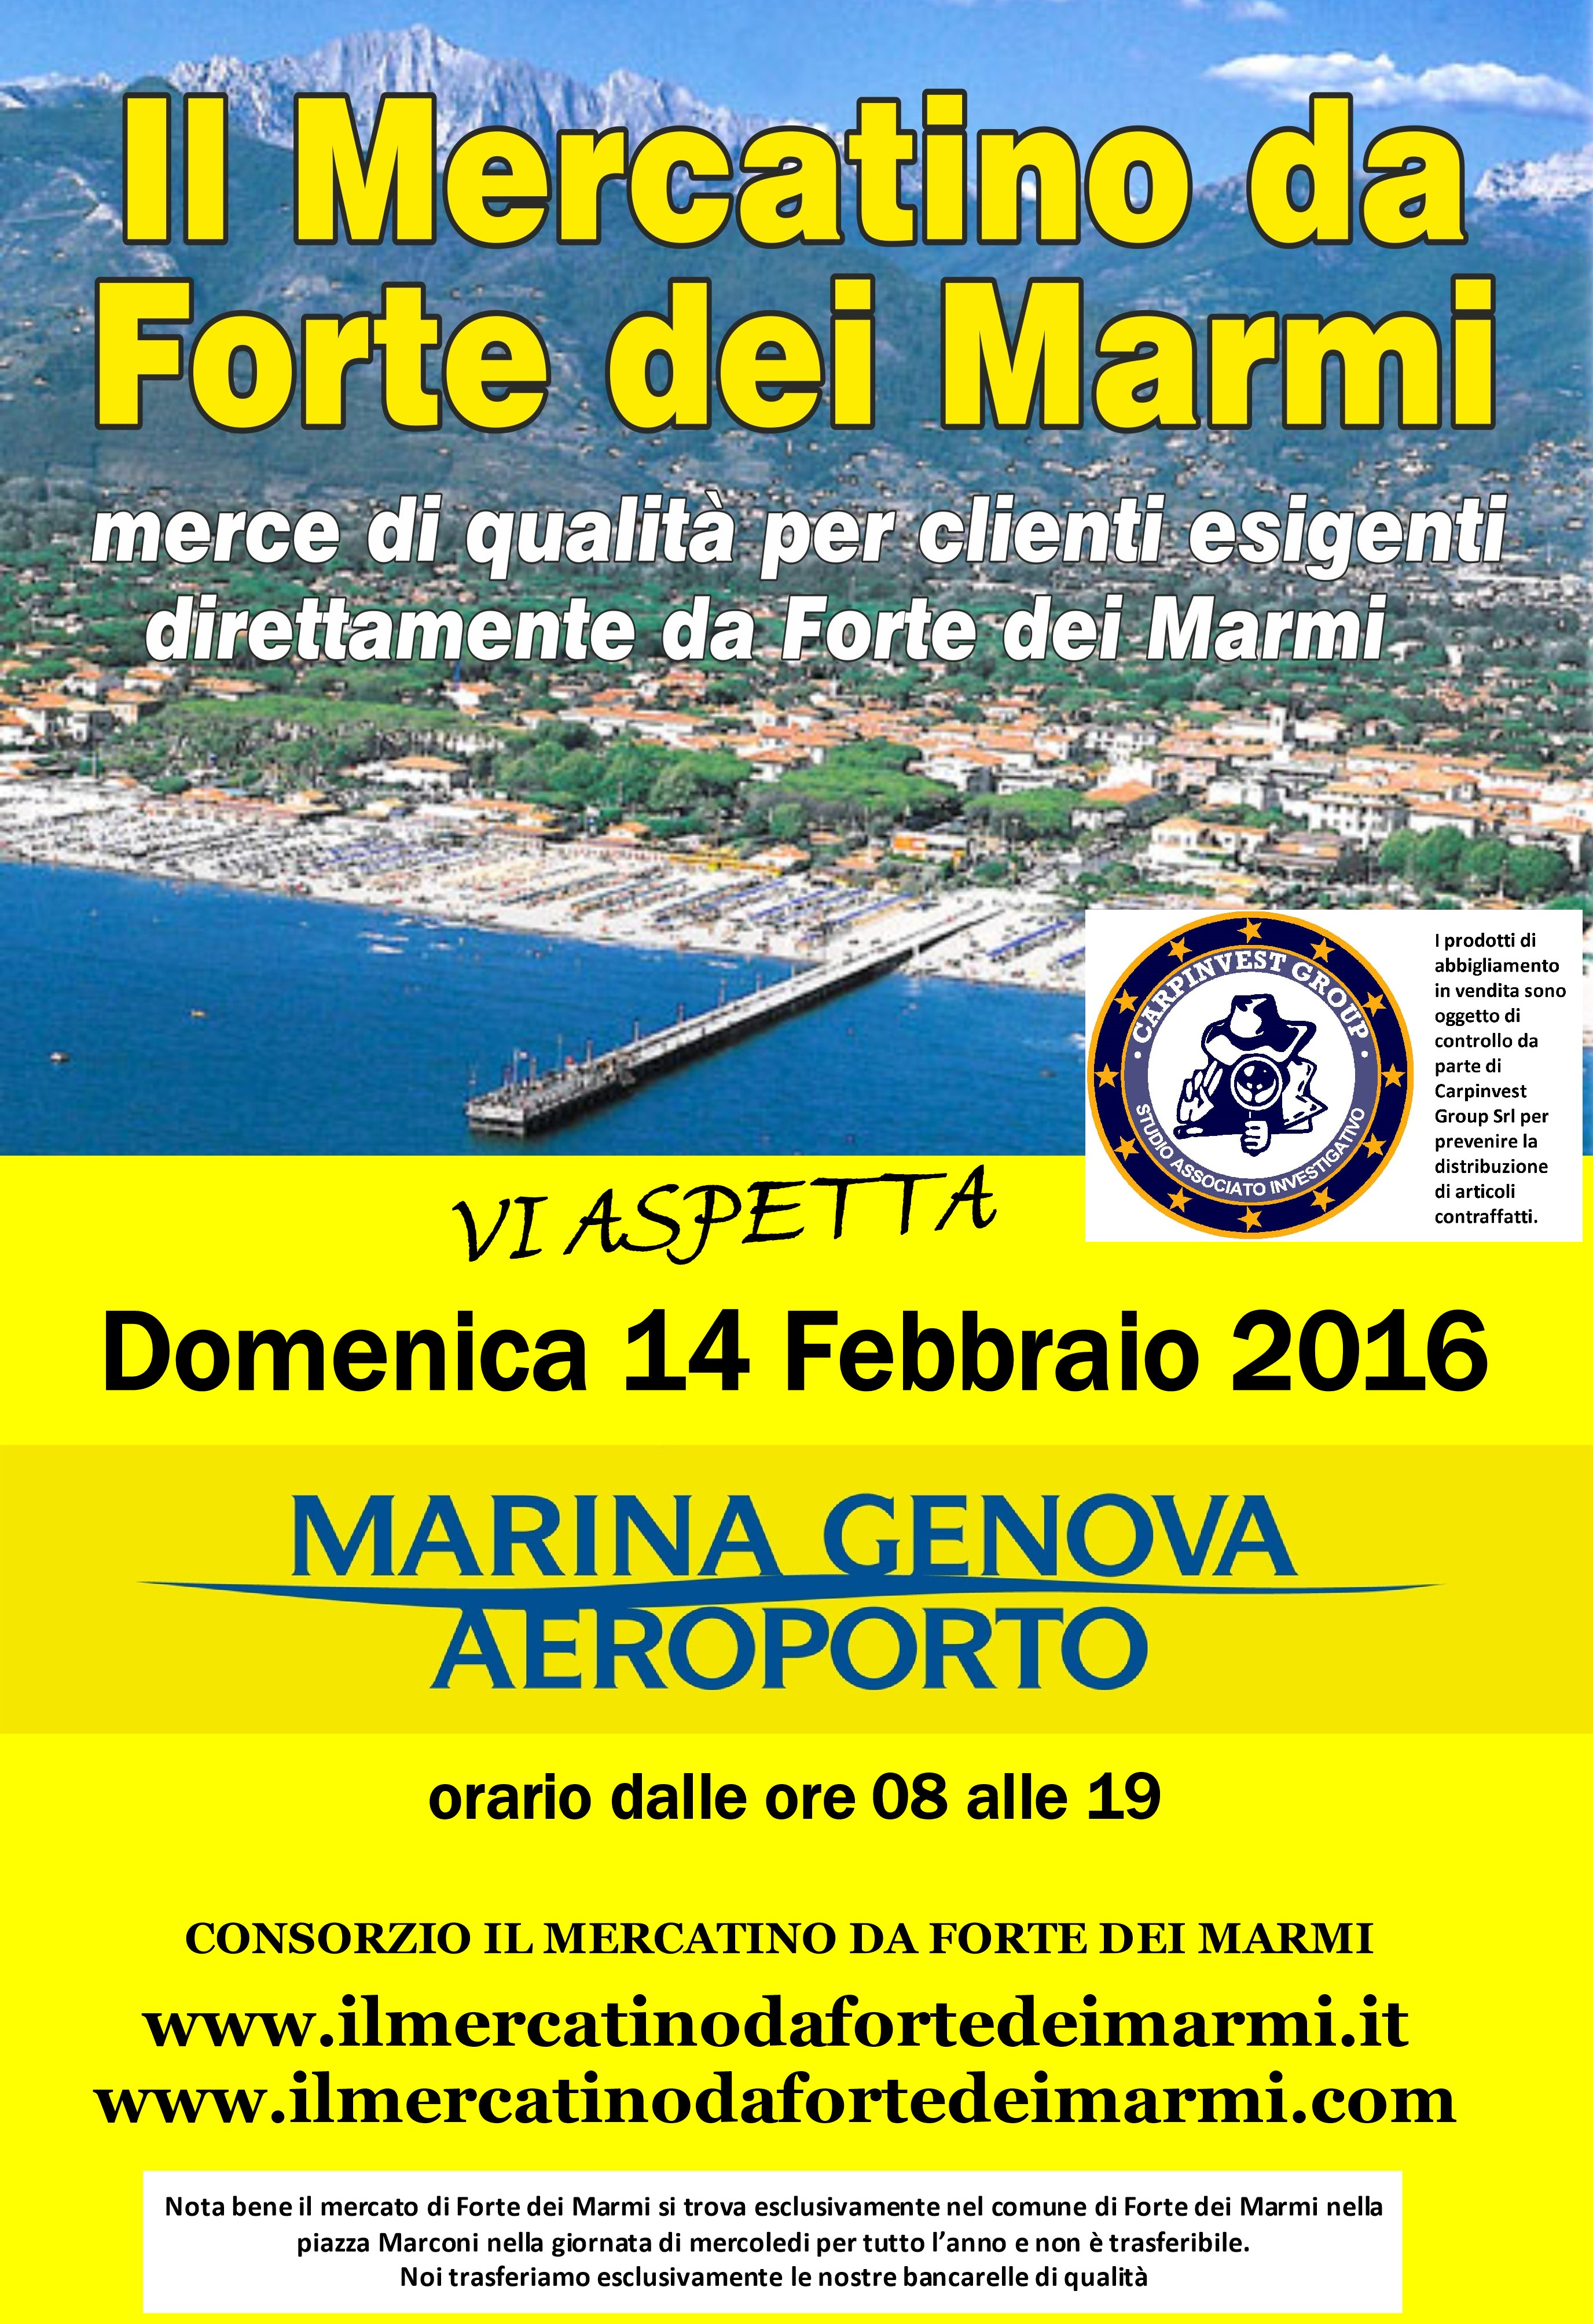 Calendario Mercato Forte Dei Marmi 2020.Mercatino Di Forte Dei Marmi A Genova Visitgenoa It